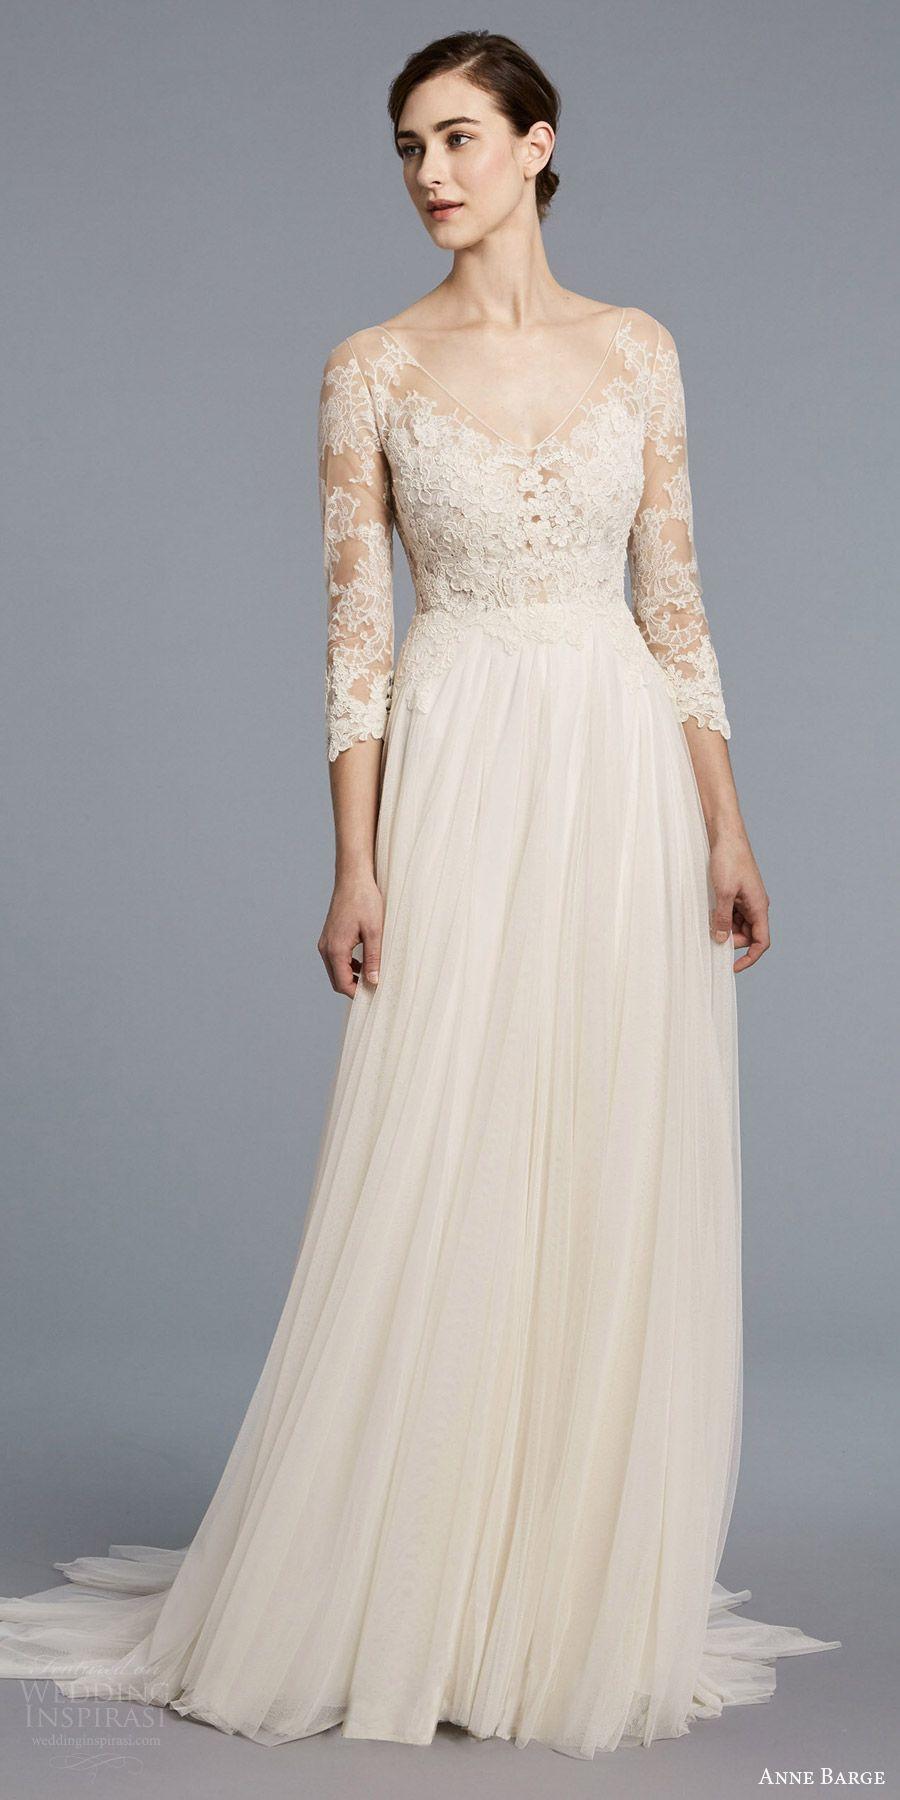 Anne barge spring bridal quarter illusion sleeves v neck lace